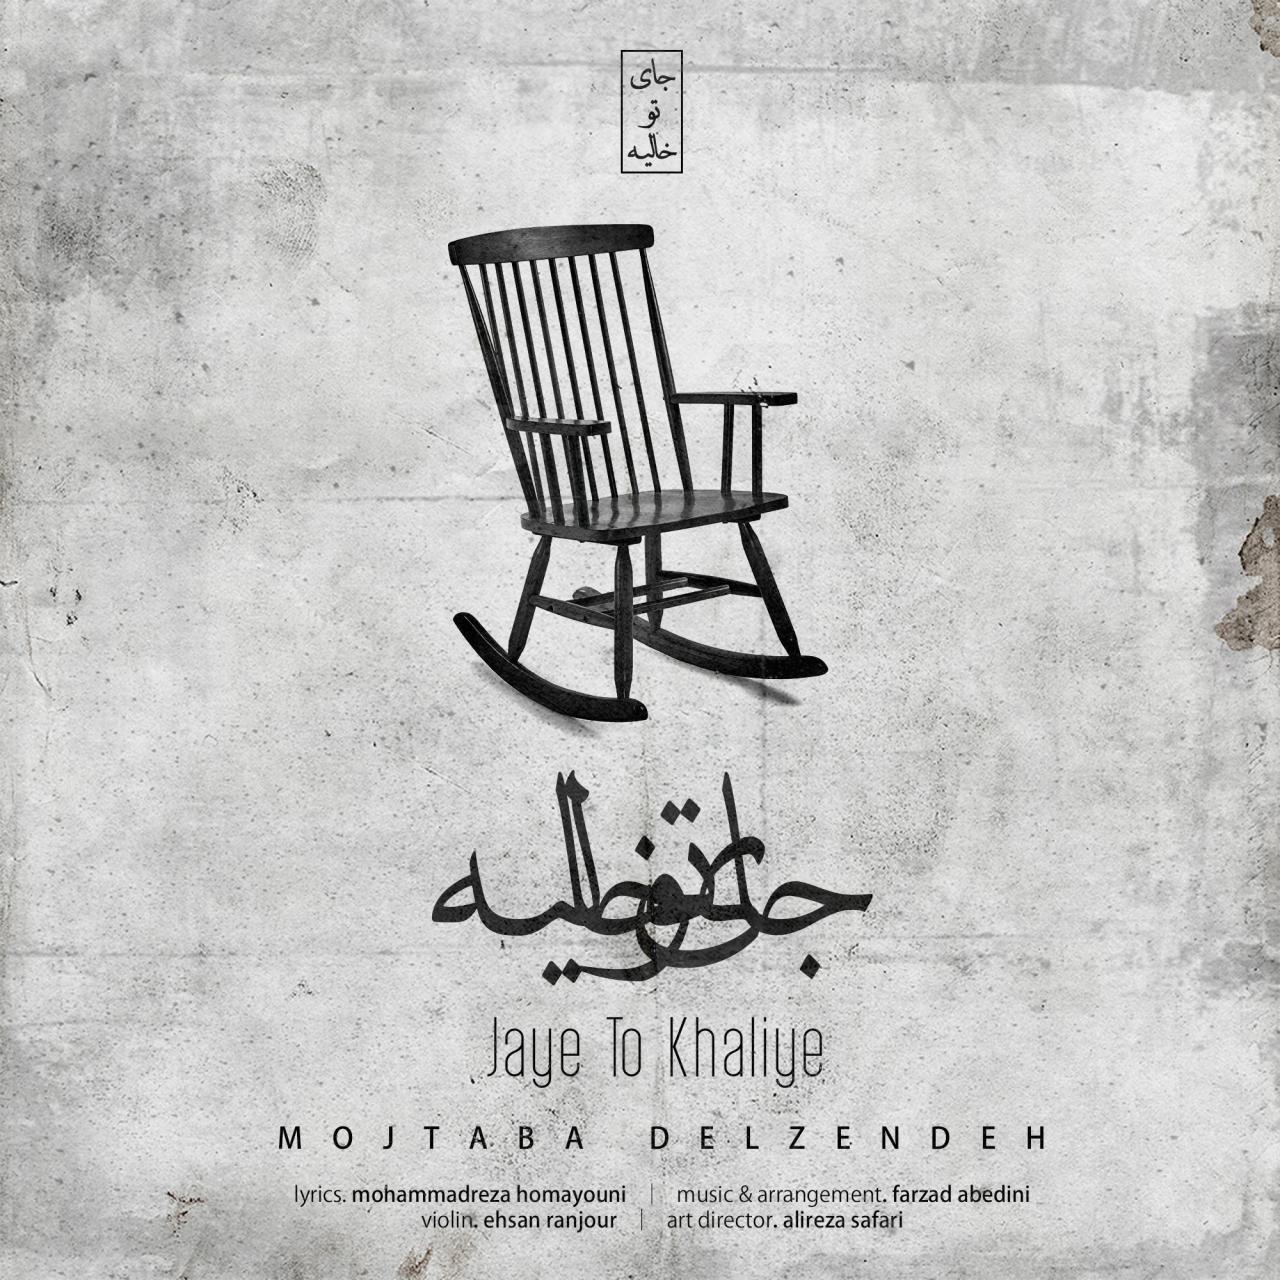 Mojtaba Delzendeh – Jaye To Khaliye